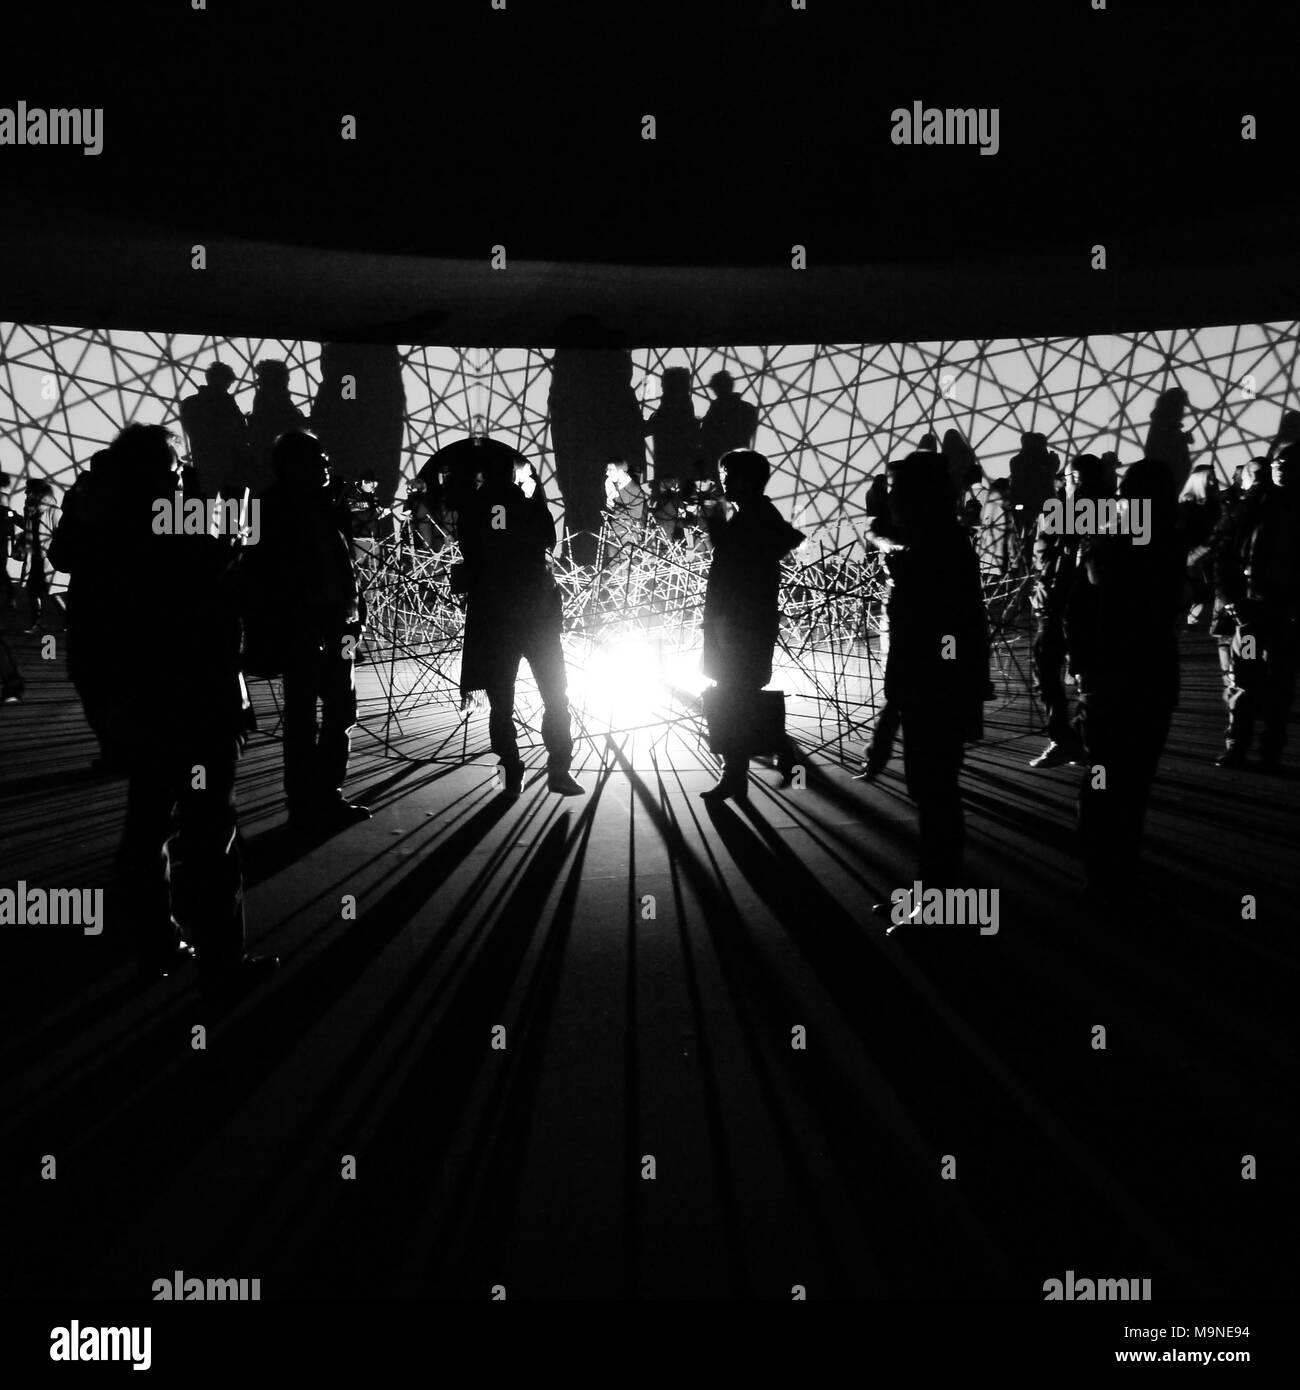 Silhouettes, Louis Vuitton Foundation, Paris, France - Stock Image